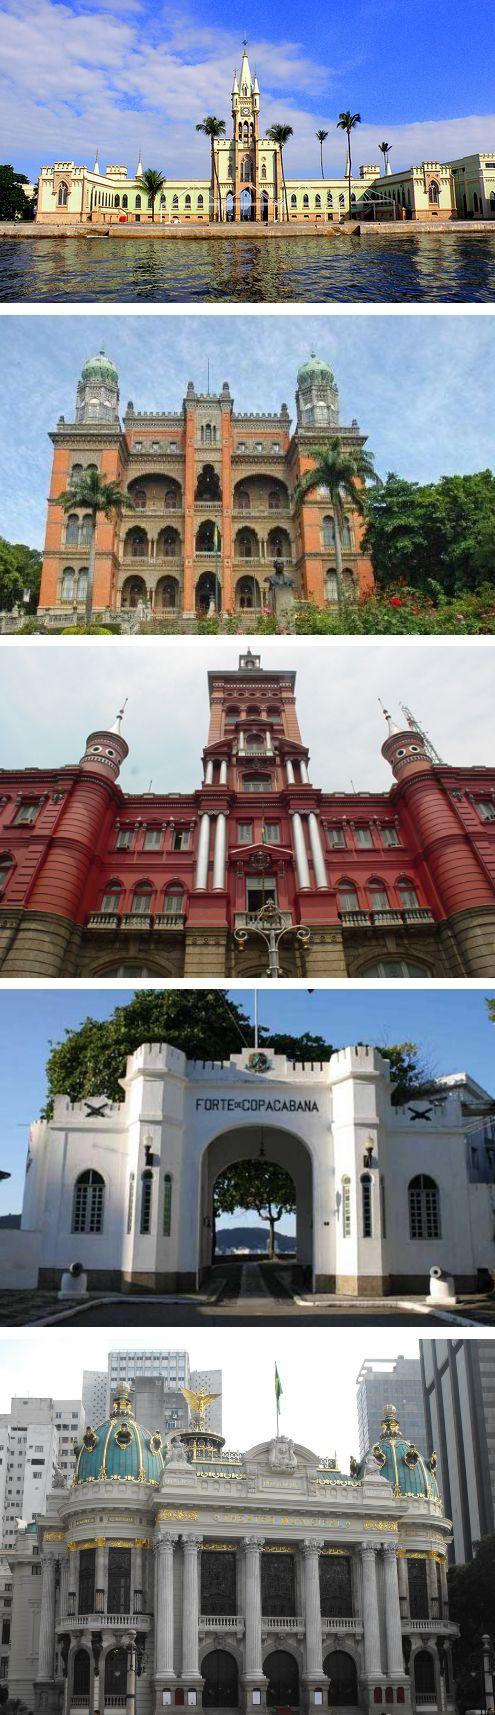 ~RIO DE JANEIRO - Palácio da Ilha Fiscal - Instituto Oswaldo Cruz - Quartel Central do Corpo de Bombeiros - Forte de Copacabana - Teatro Municipal | The House of Beccaria